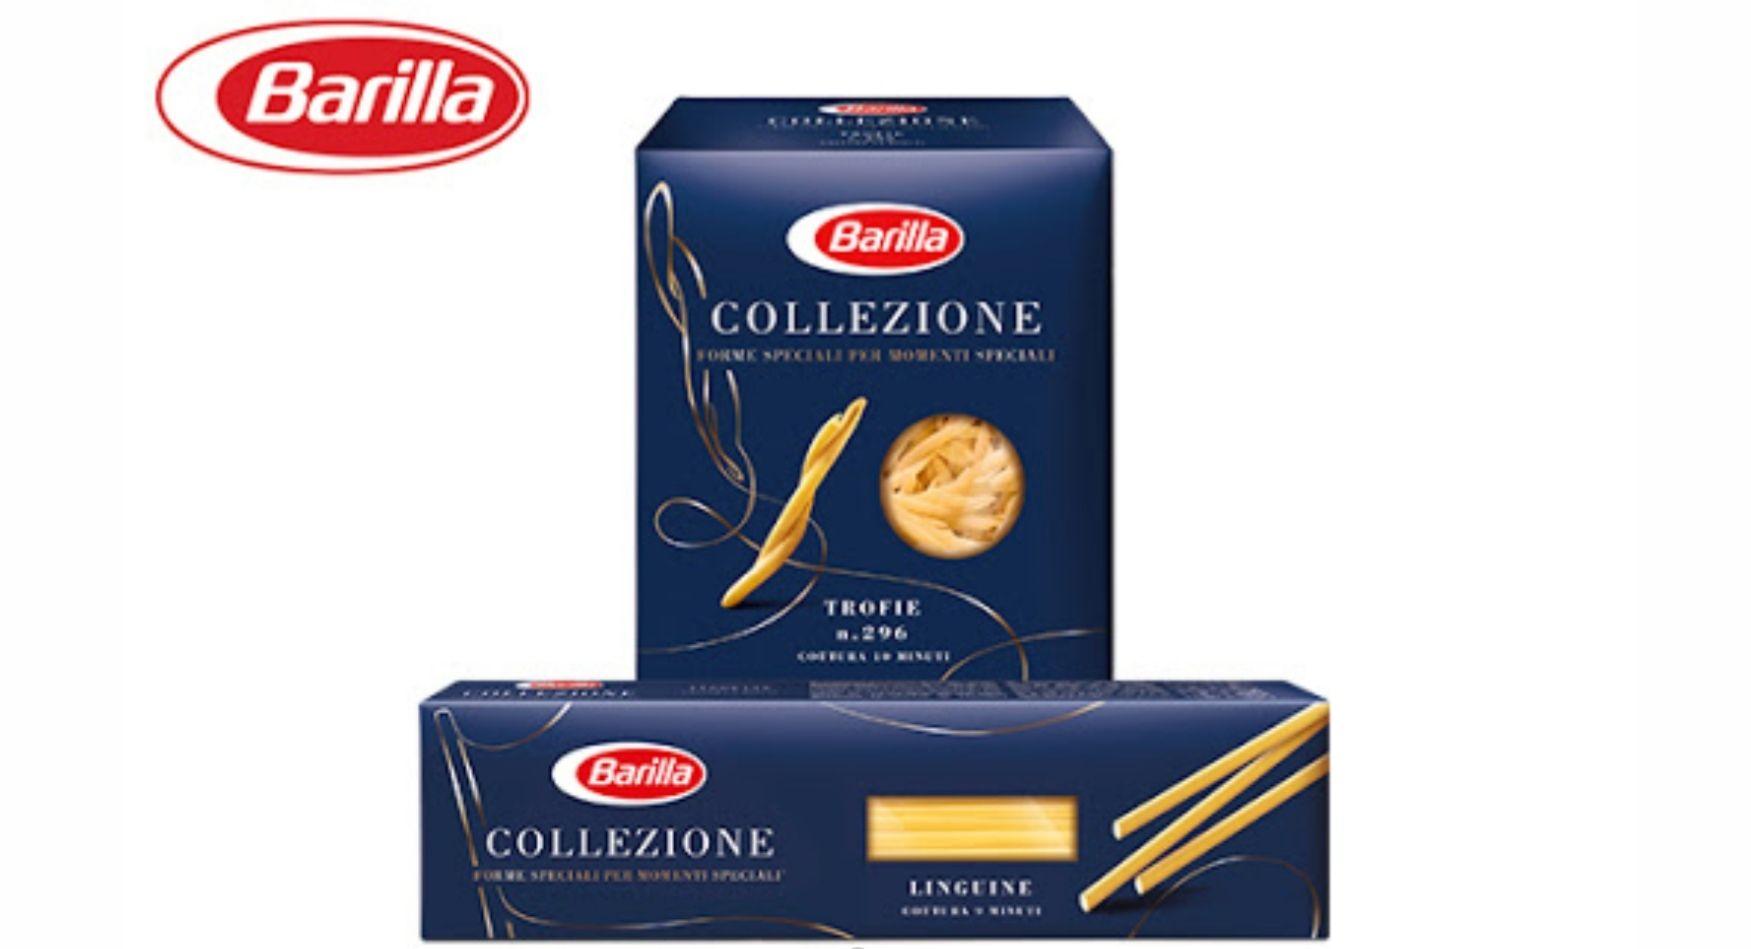 [Kaufland & Rewe] Barilla Collezione Pasta Nudeln durch Scondoo Cashback für effektiv 0,99€ | regional sogar für effektiv 0,61€ | ab 20.05.